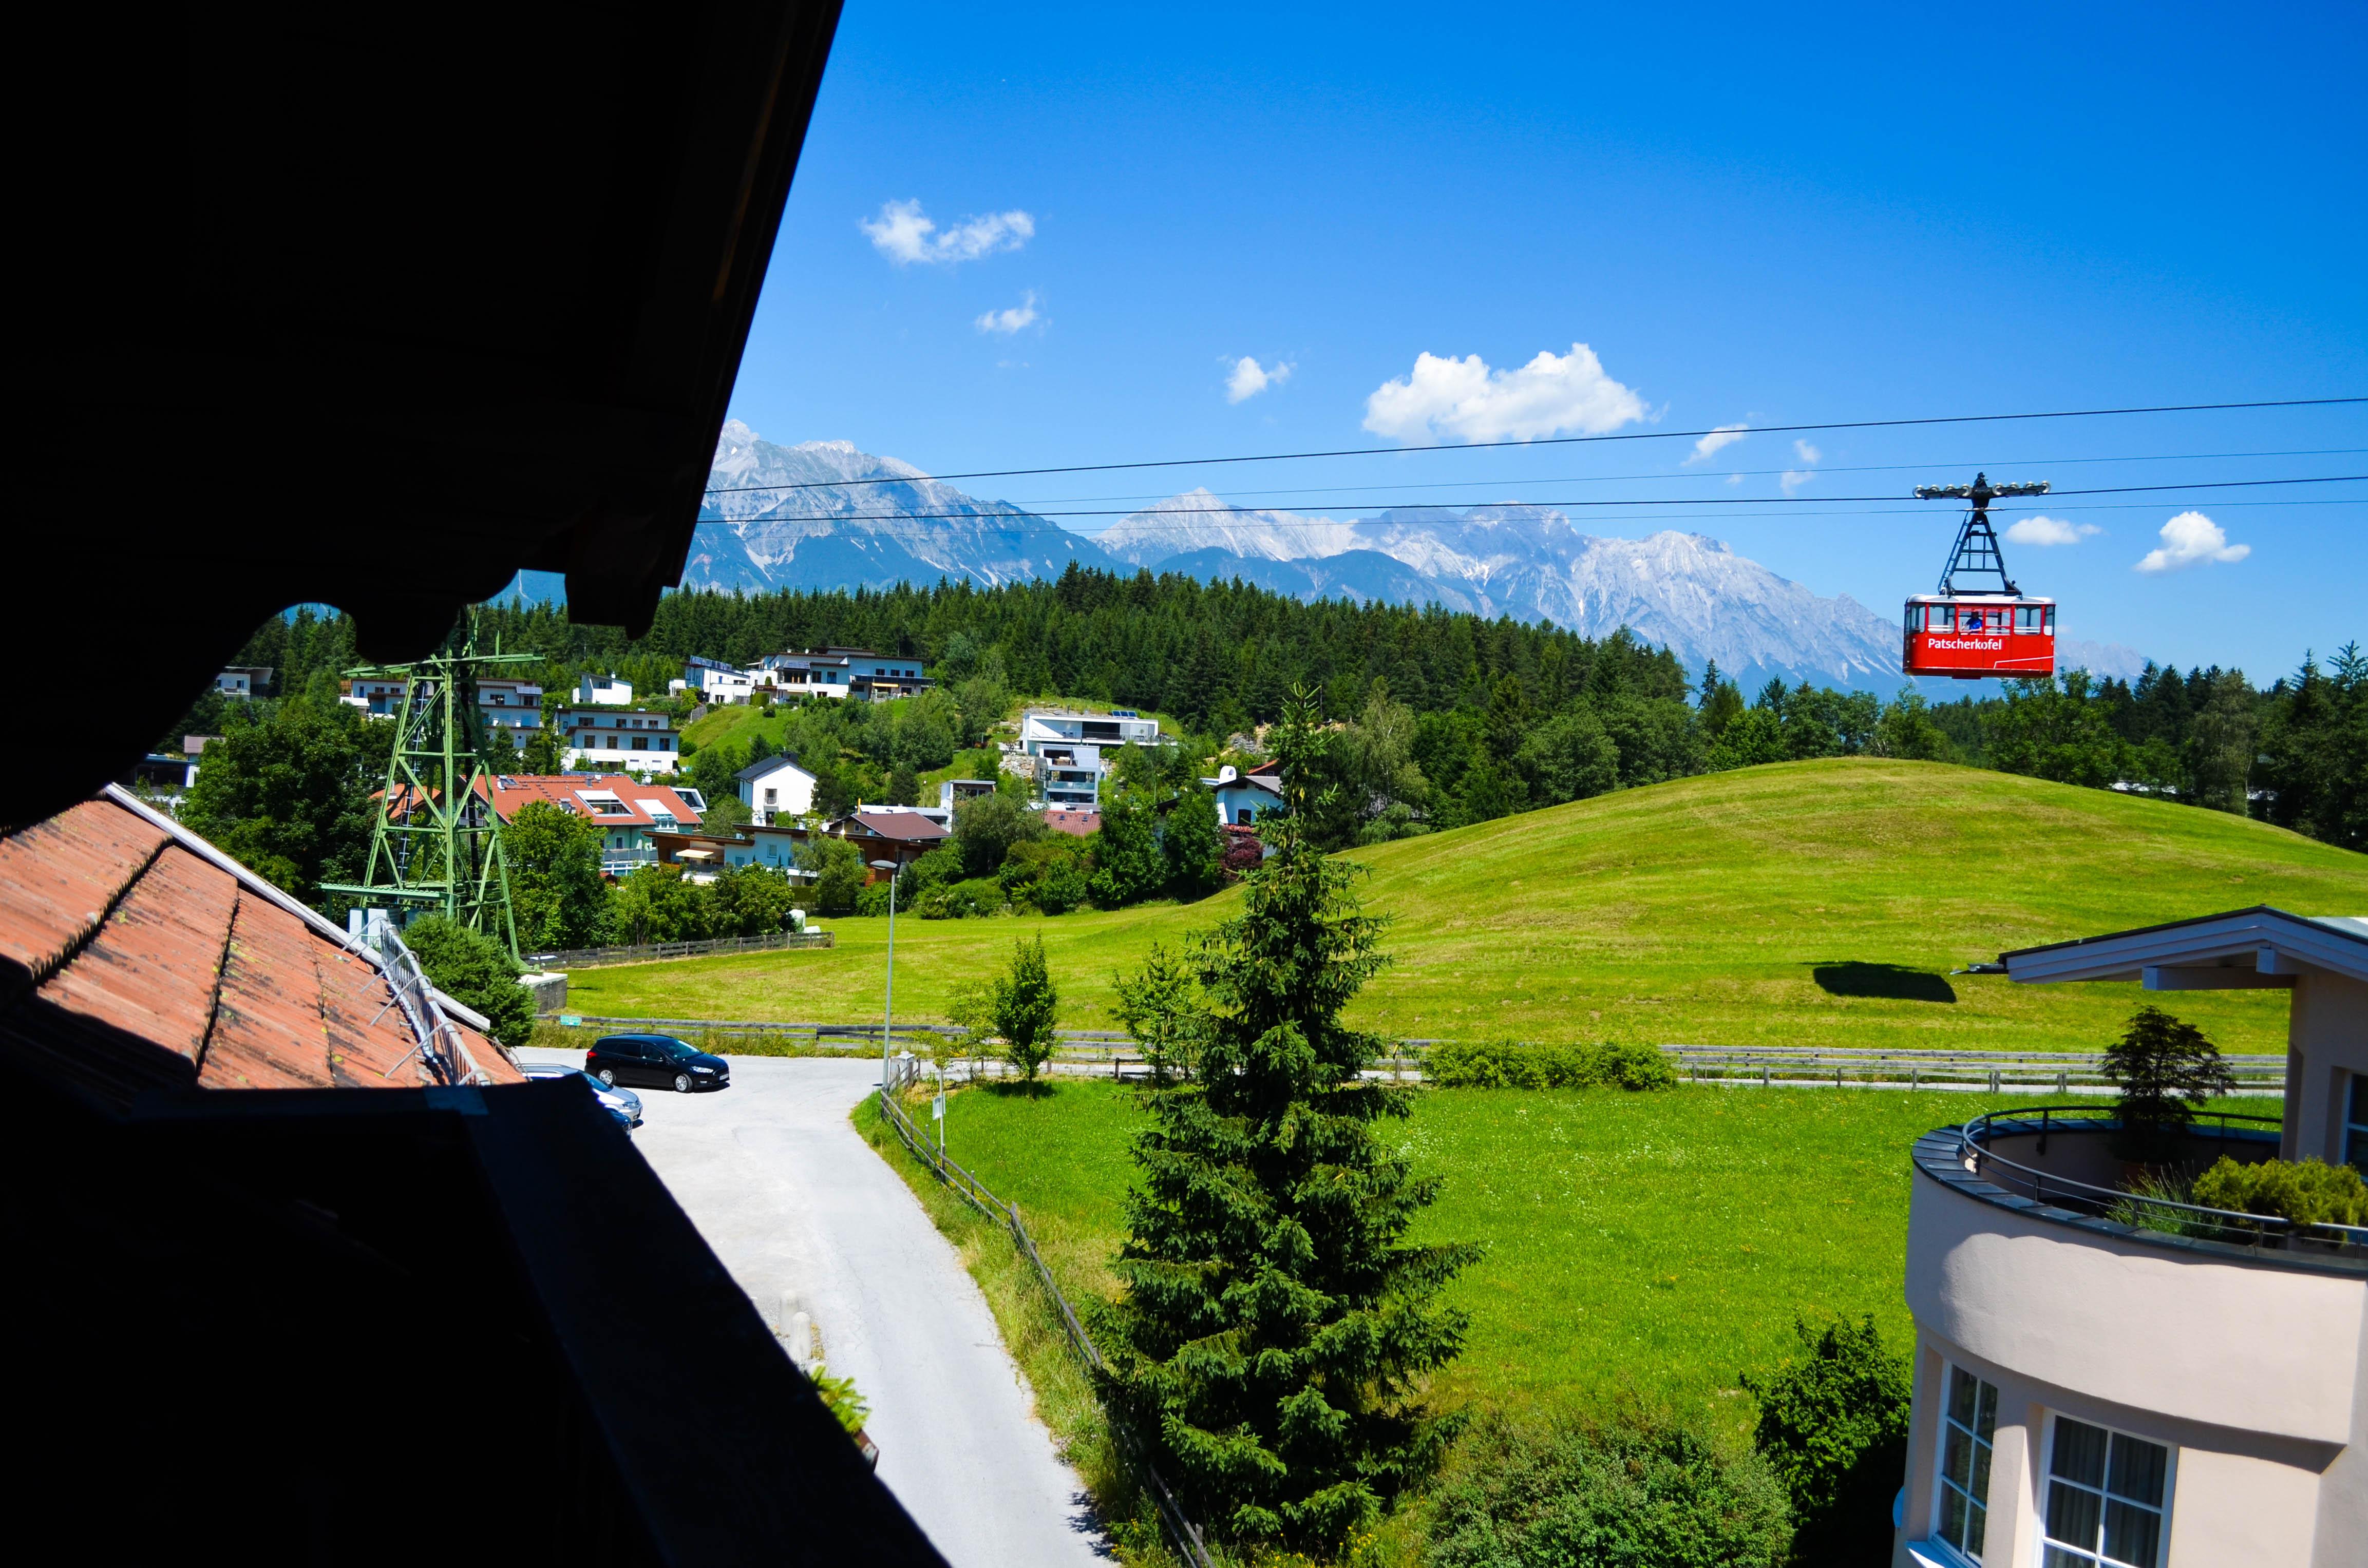 Igls, Austria